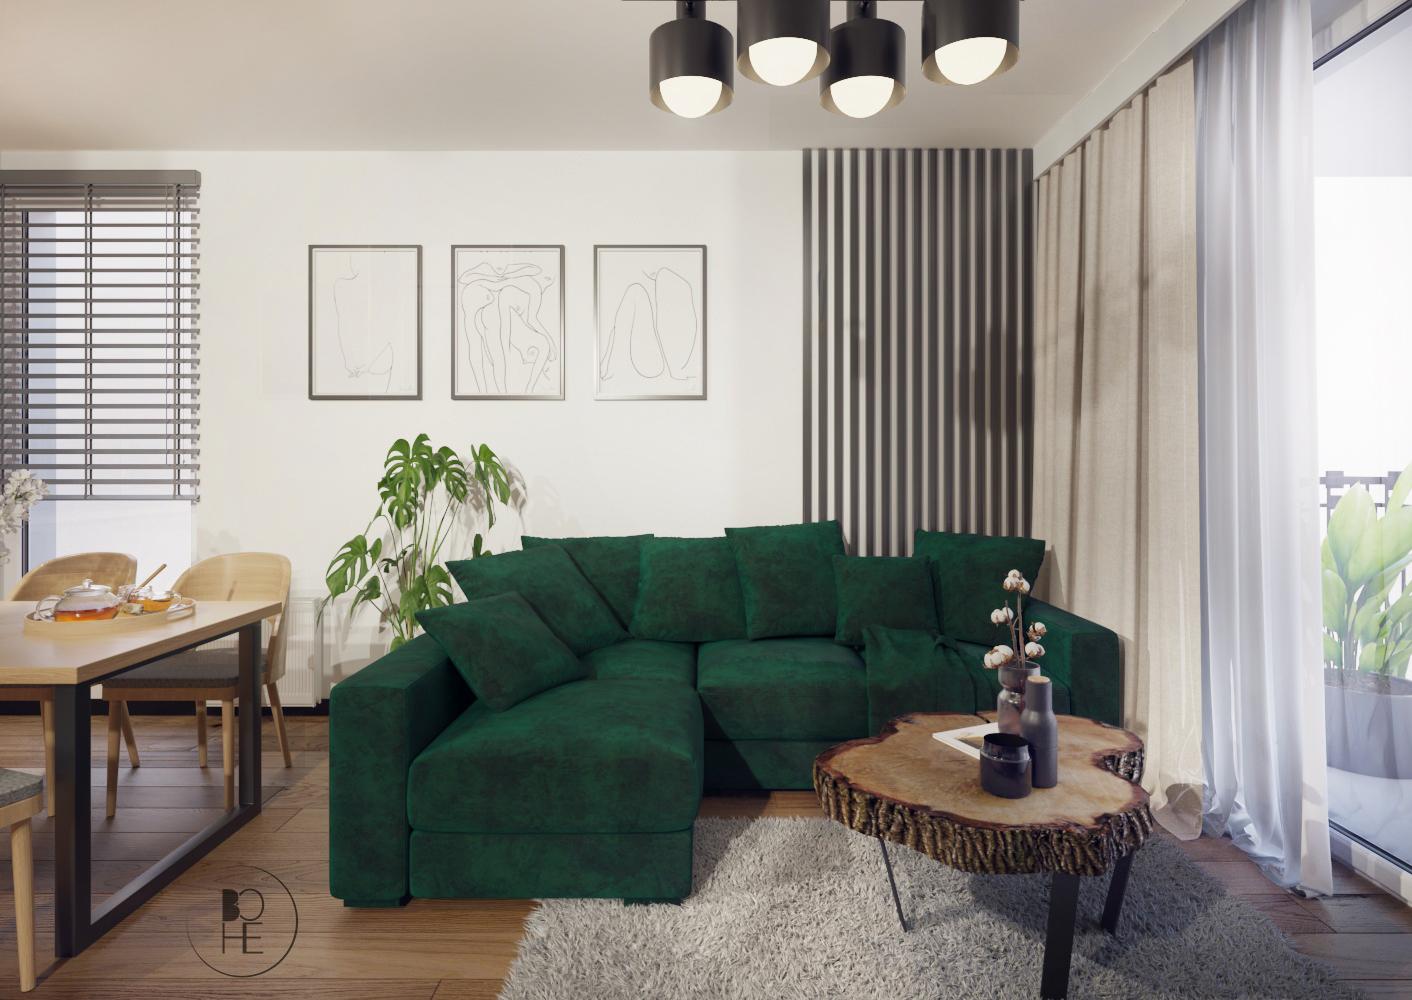 architekt wnętrz Łódź salon z zieloną sofą i szarym dywanem